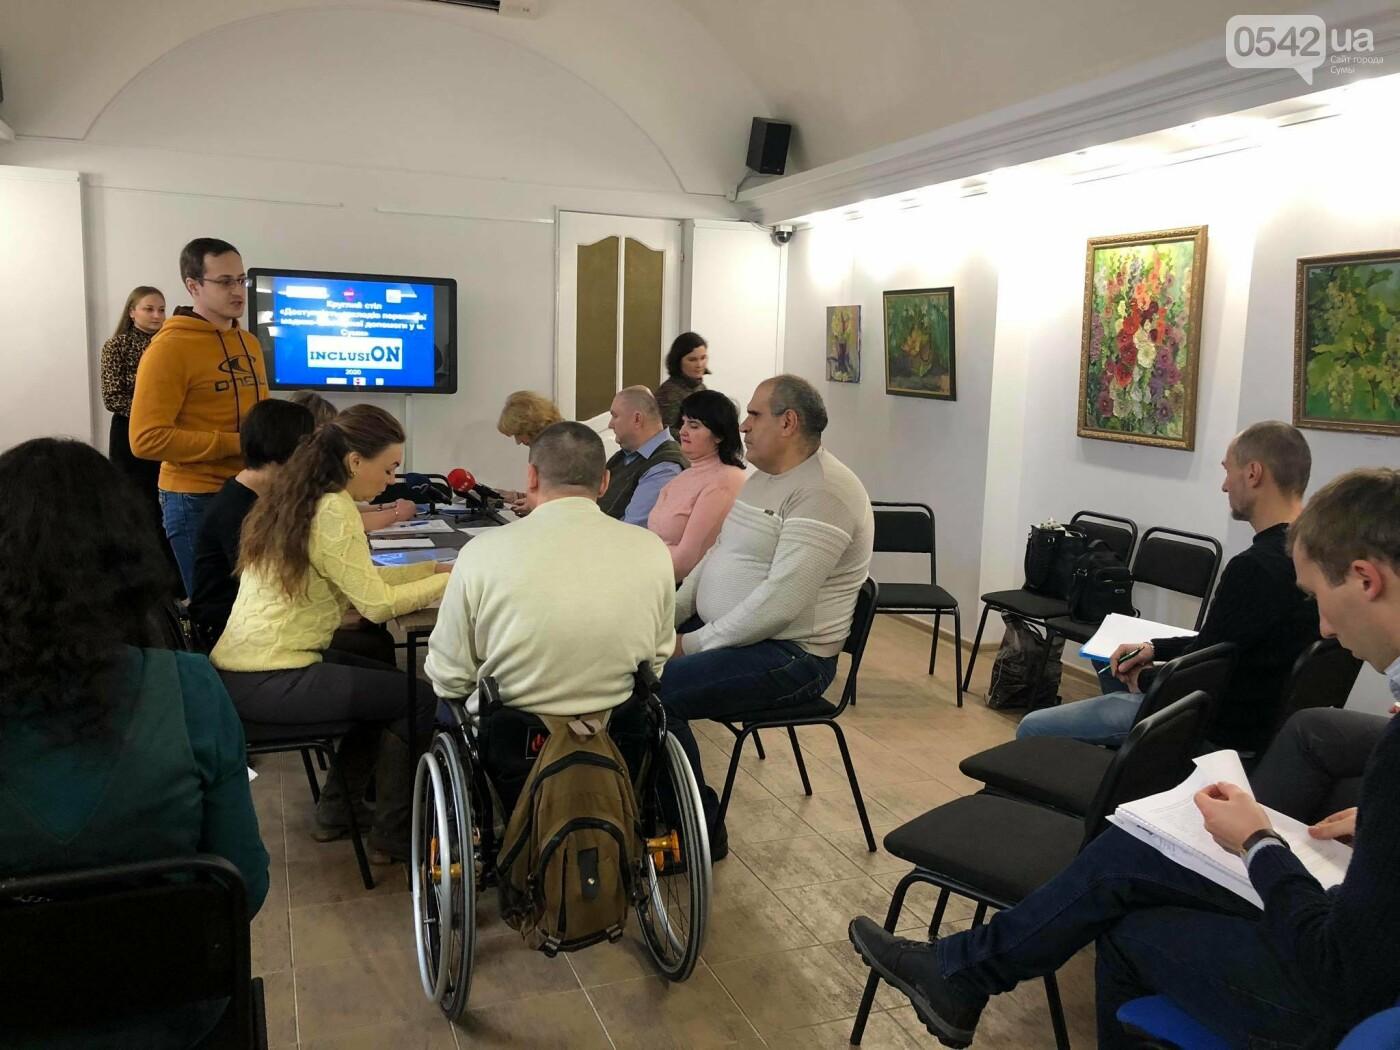 У Сумах обговорили доступність закладів первинної медико-санітарної допомоги для людей з інвалідністю, фото-3